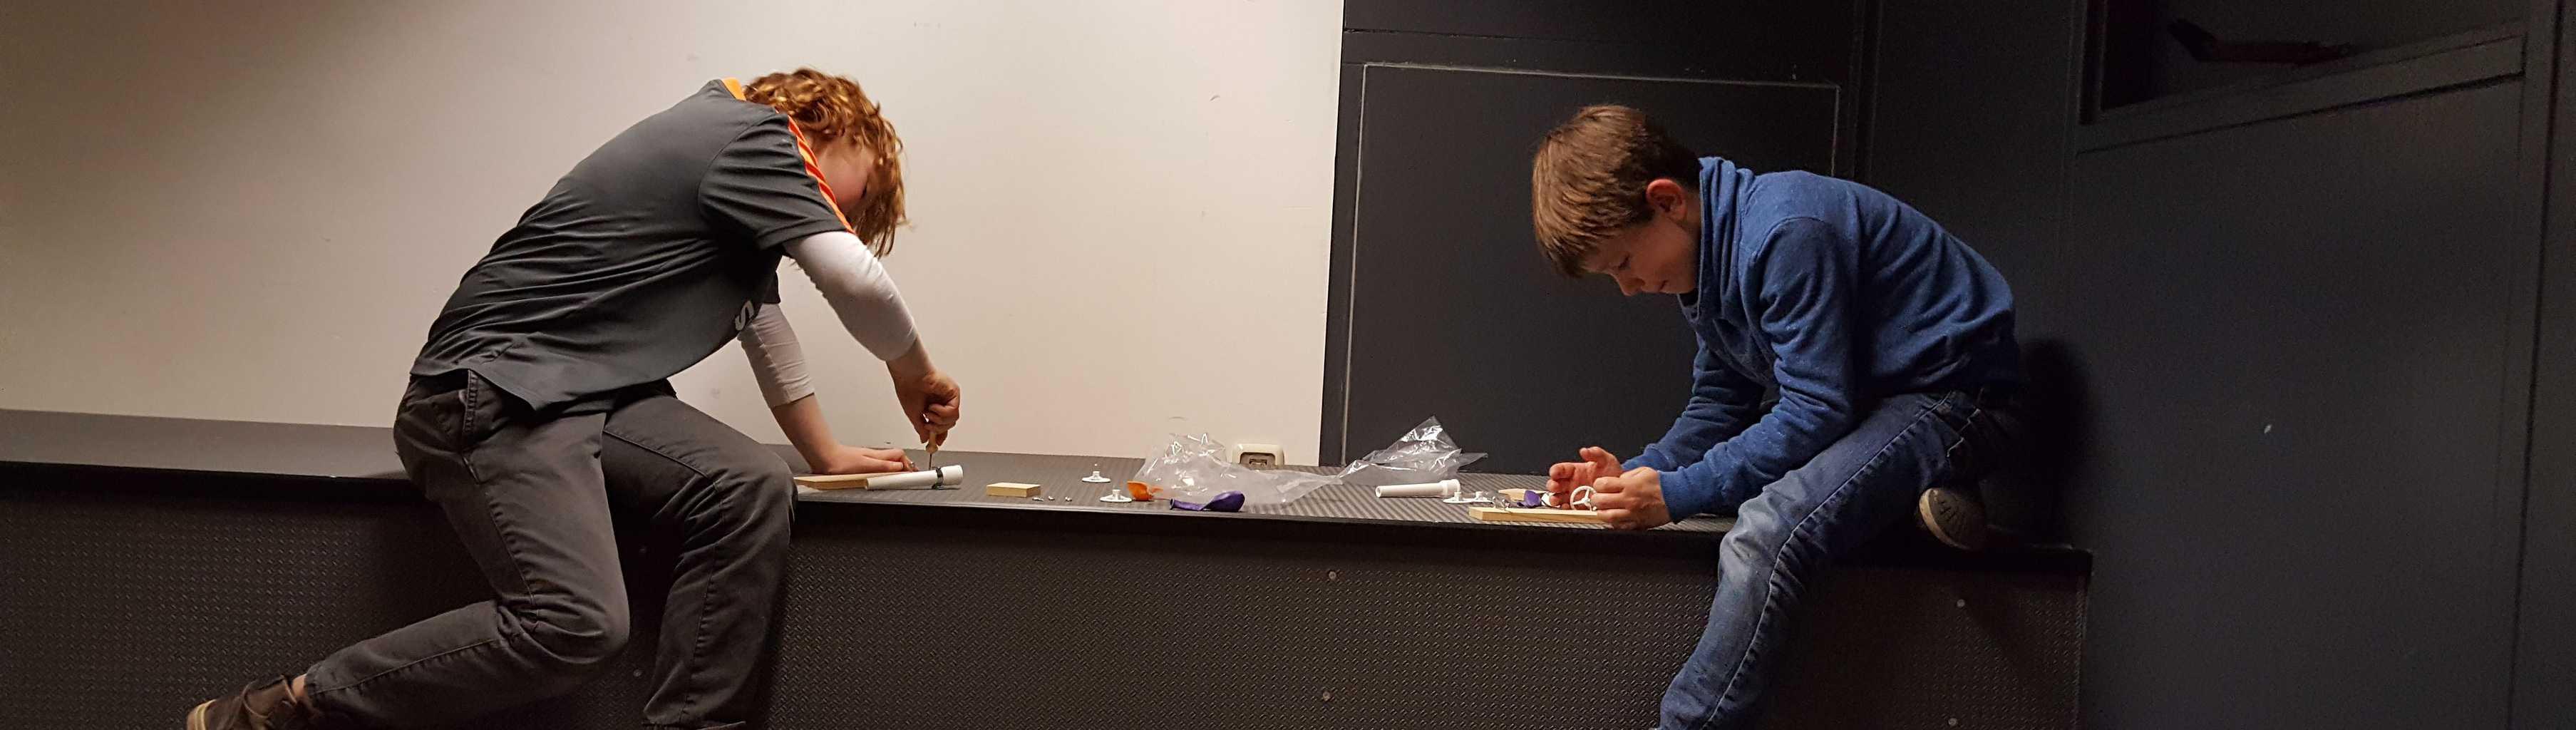 Junior campus - onderzoekend en ontwerpend leren in de praktijk